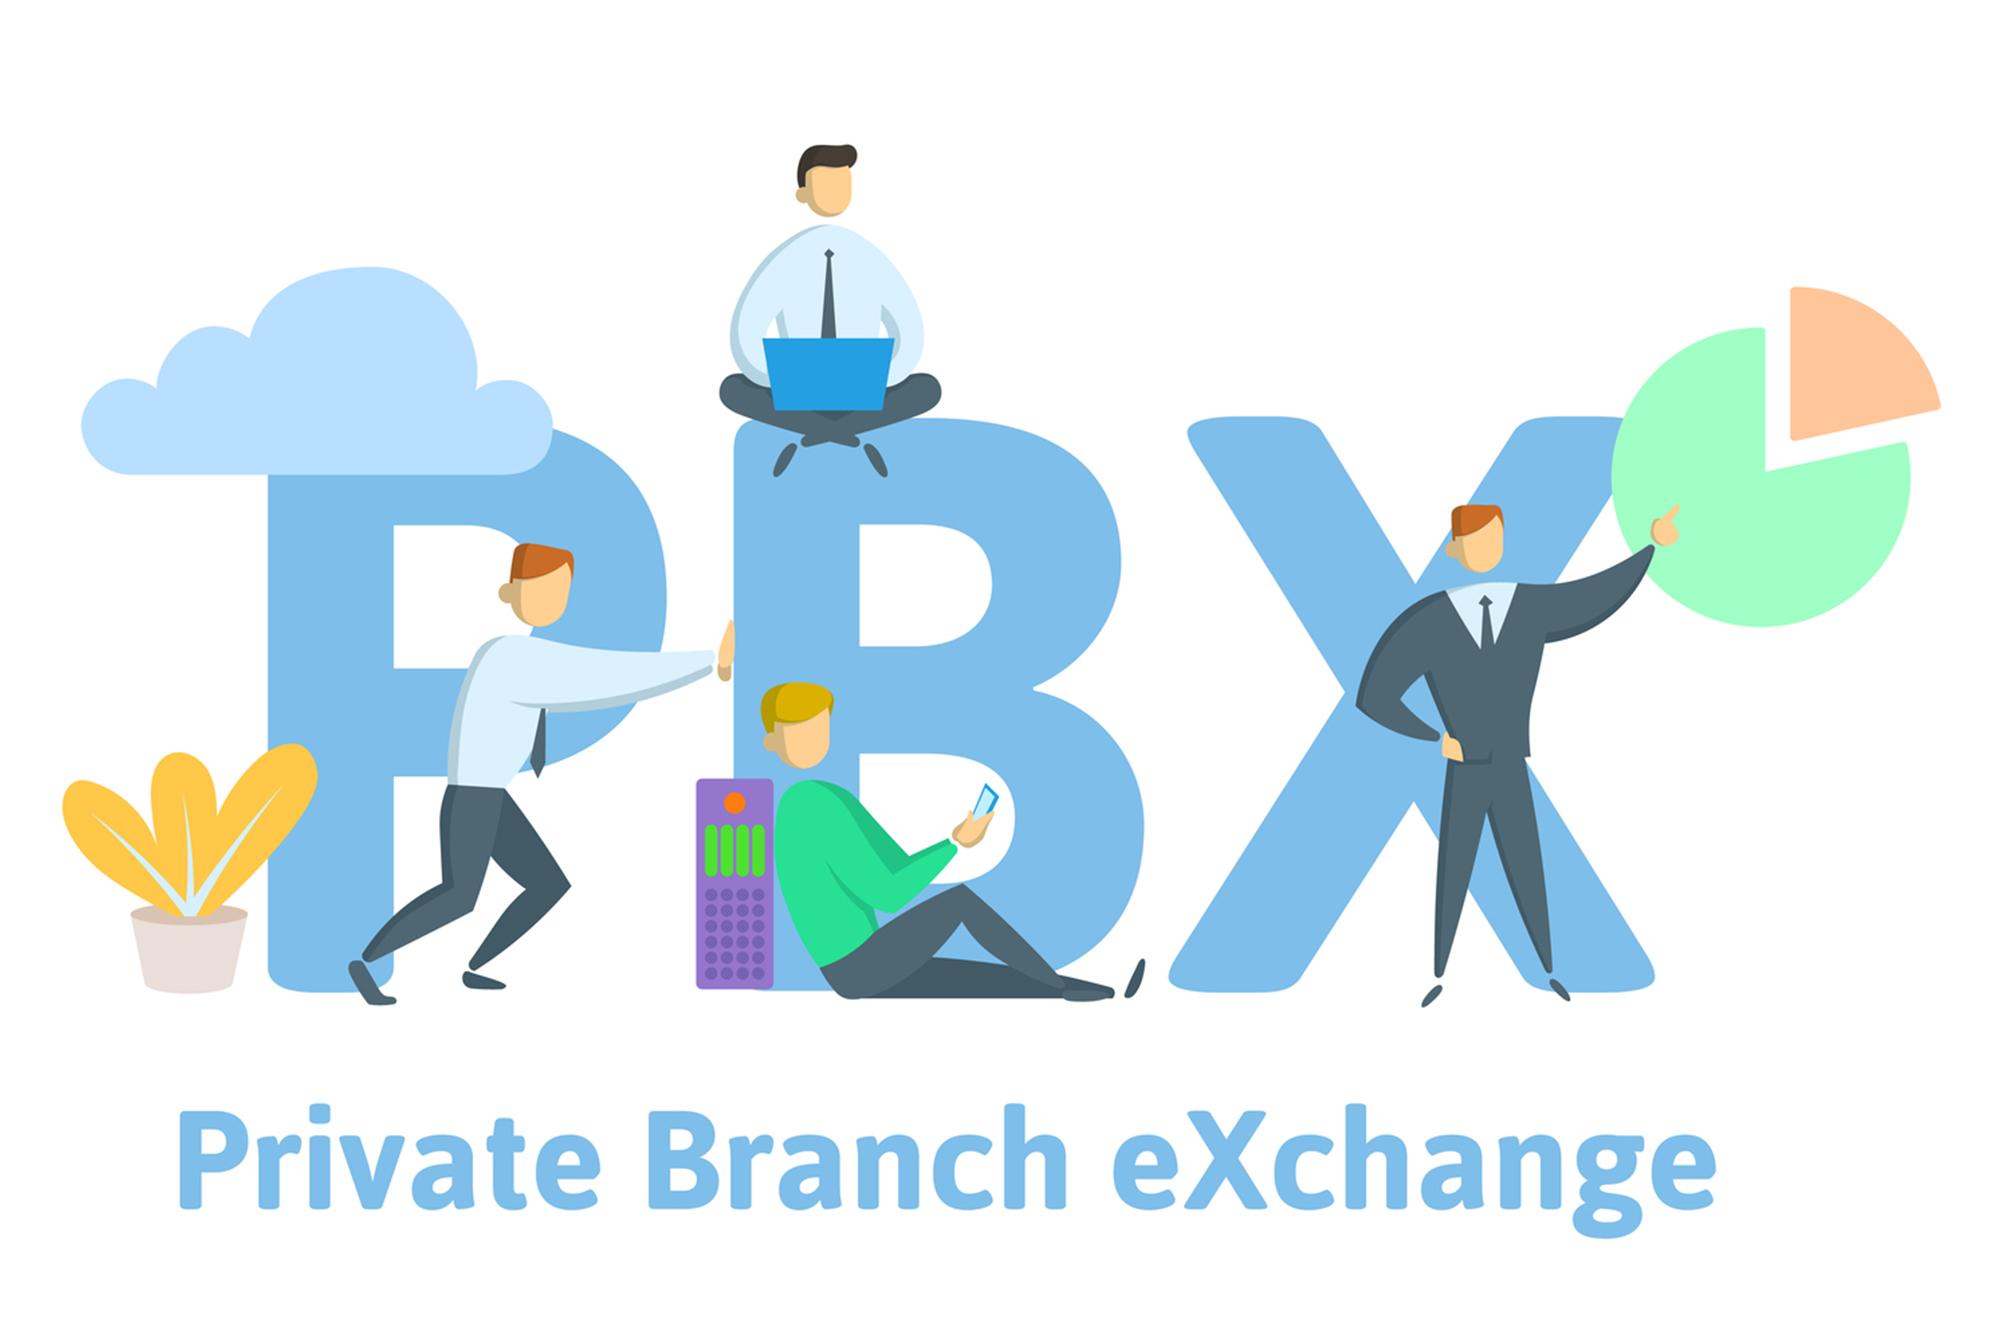 クラウドPBXと従来型PBXとの違い